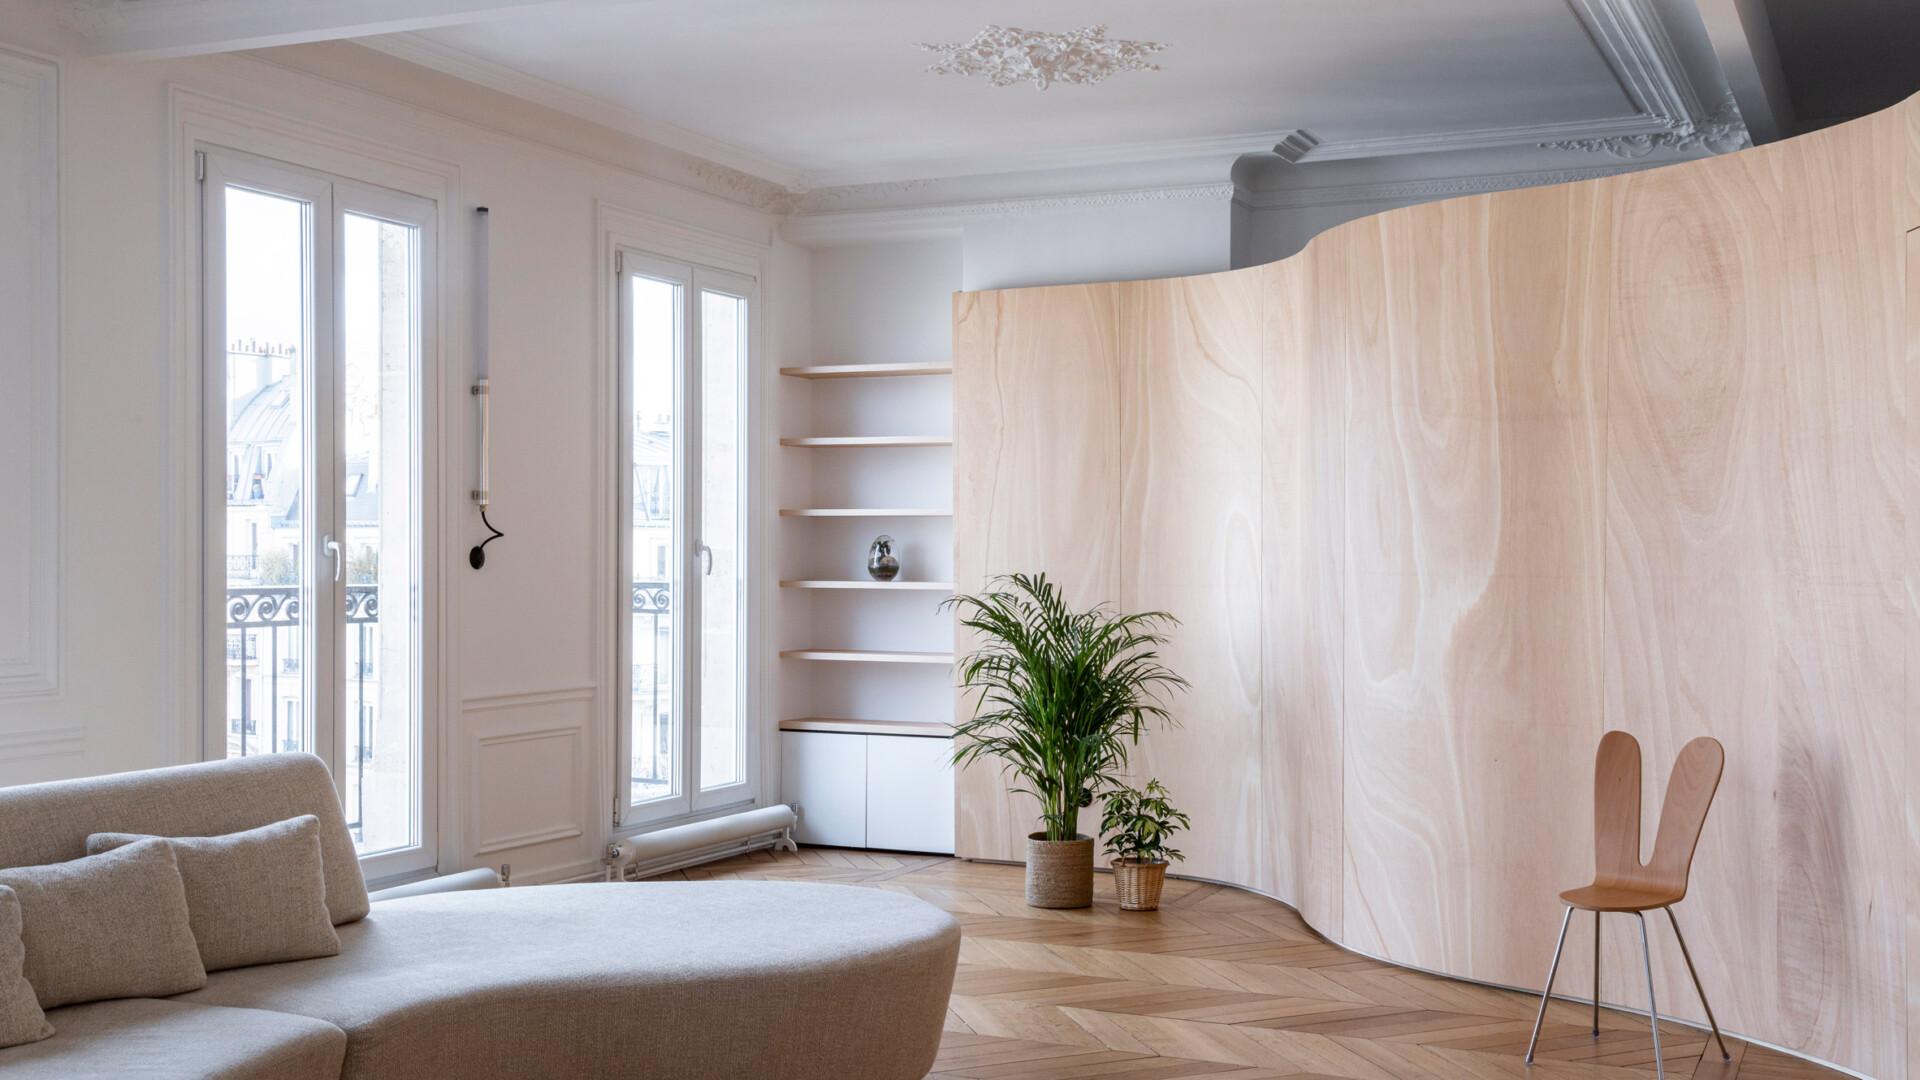 Współczesna reinterpretacja typowego paryskiego mieszkania. Efekt? Zaskakujący